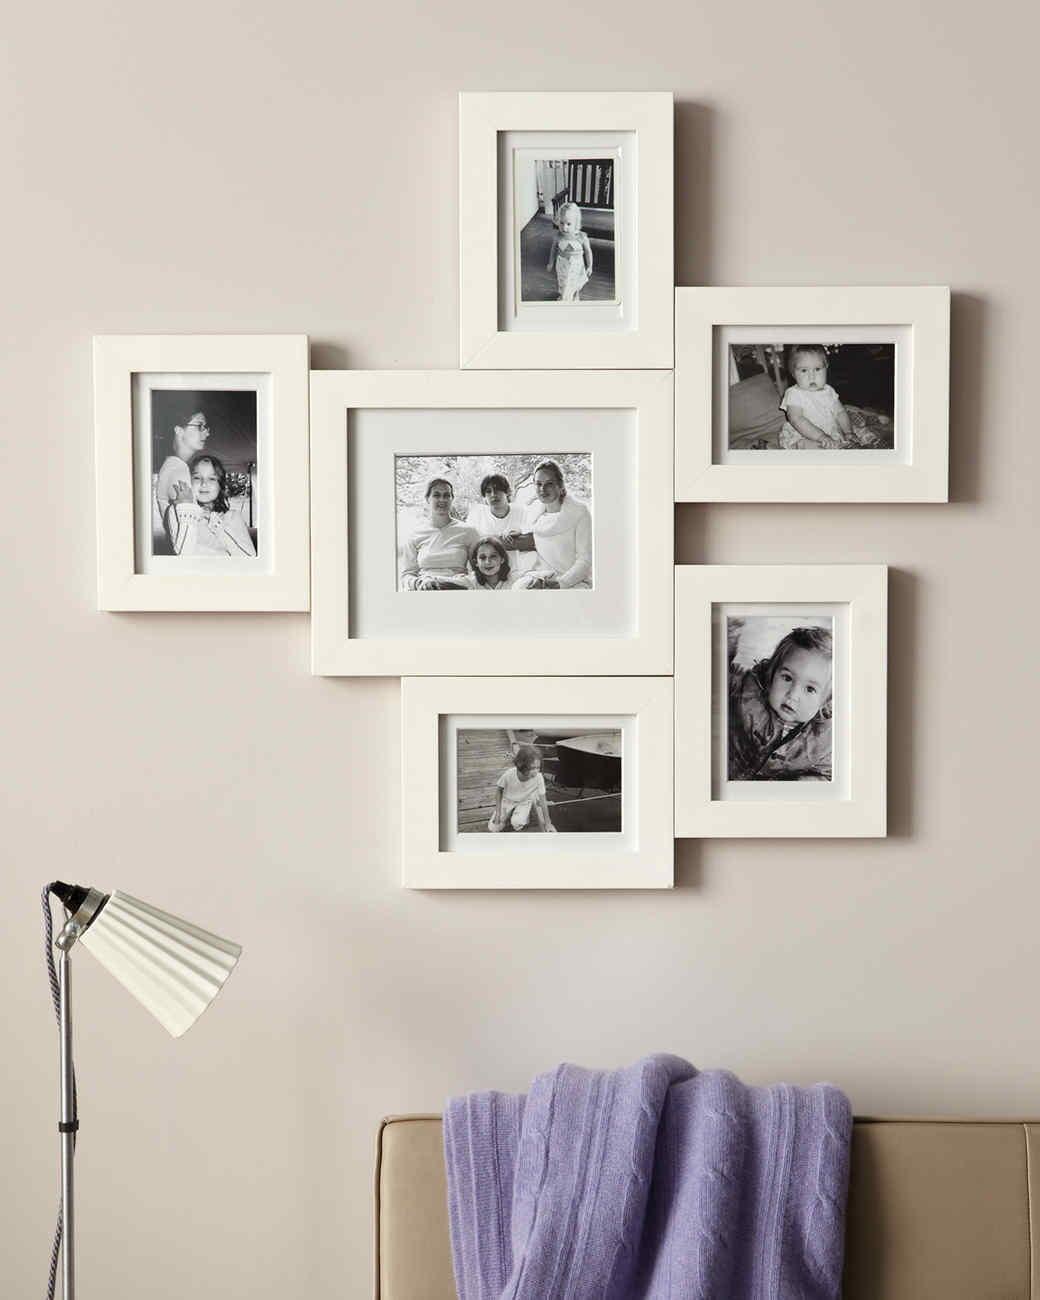 Прикольные картинки в рамку на стену, лампочек приколы надувная